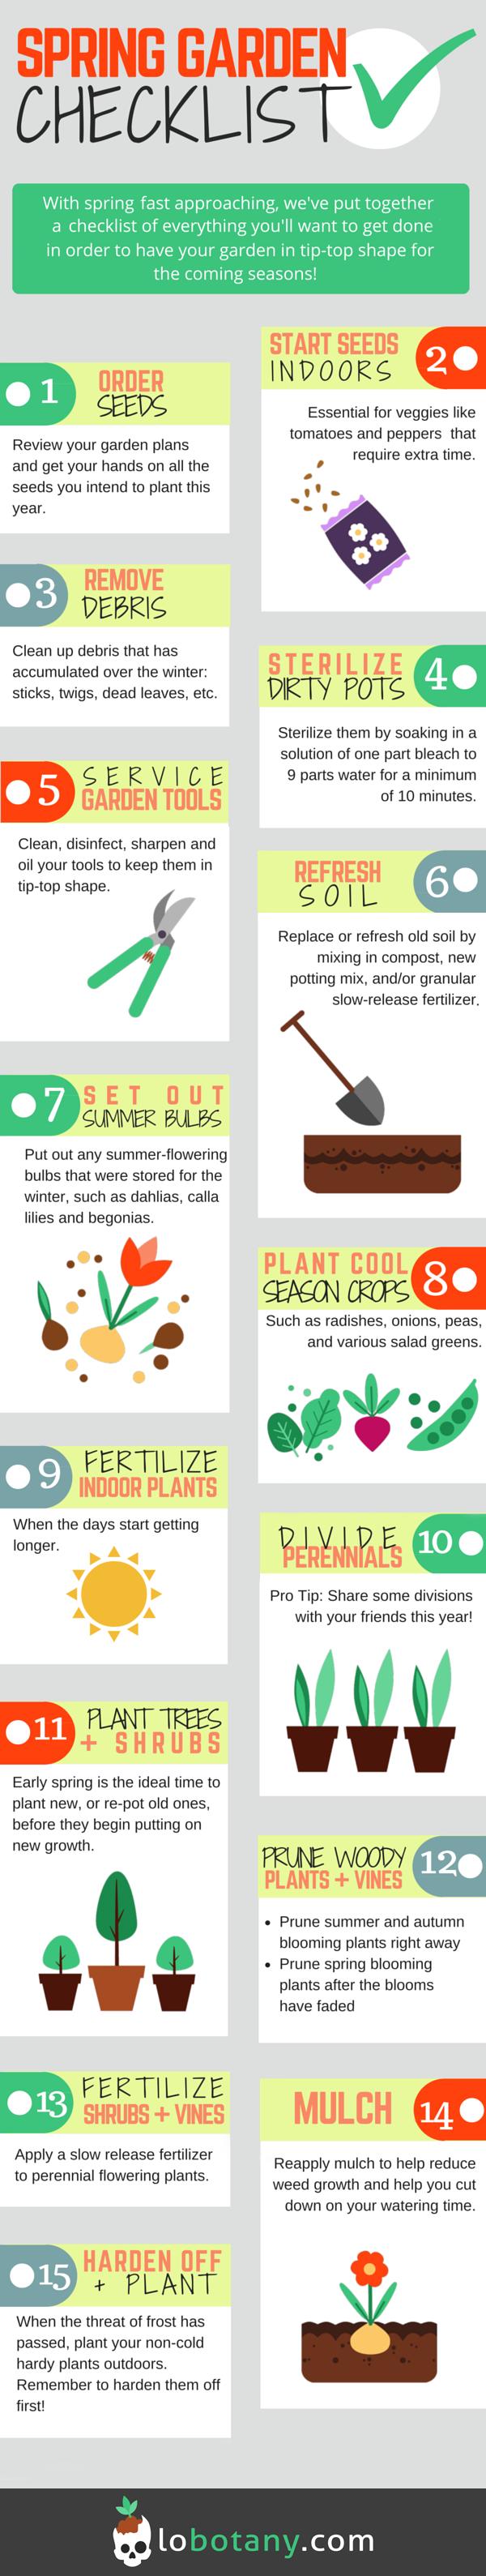 spring gardening checklist infographic